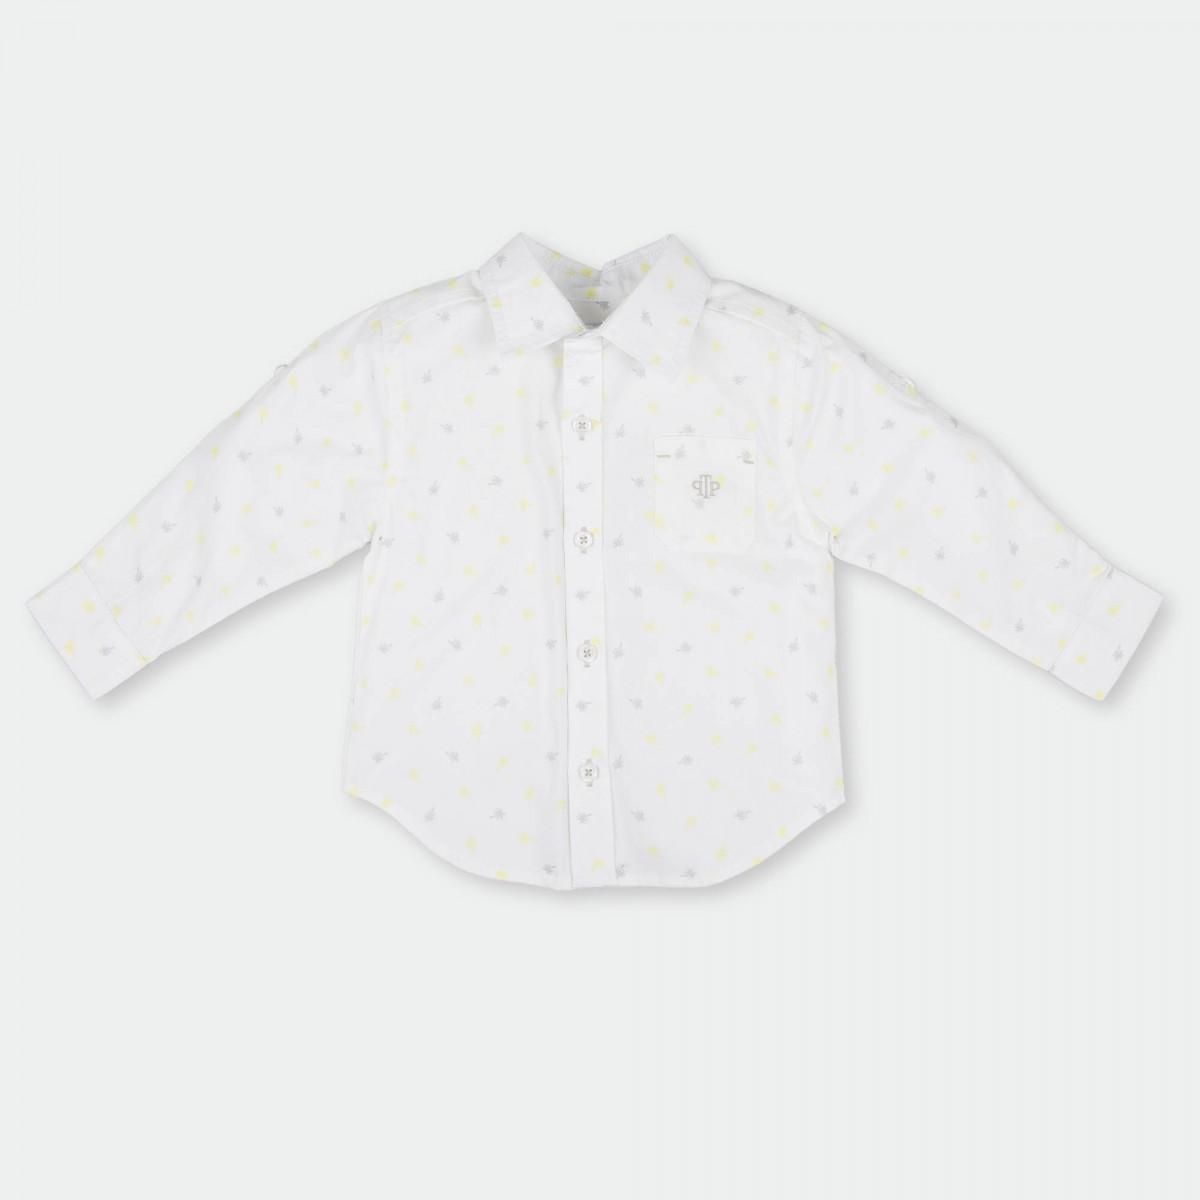 Camisa m/l_2048LS1